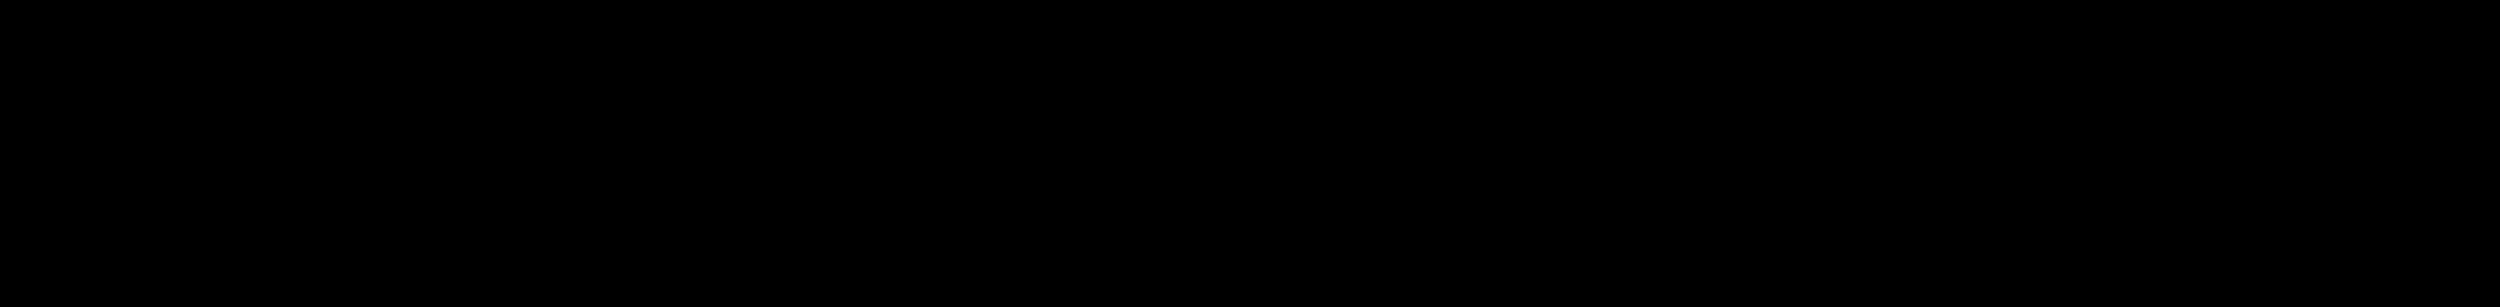 Cathedral-logo-Southwark-website40.png